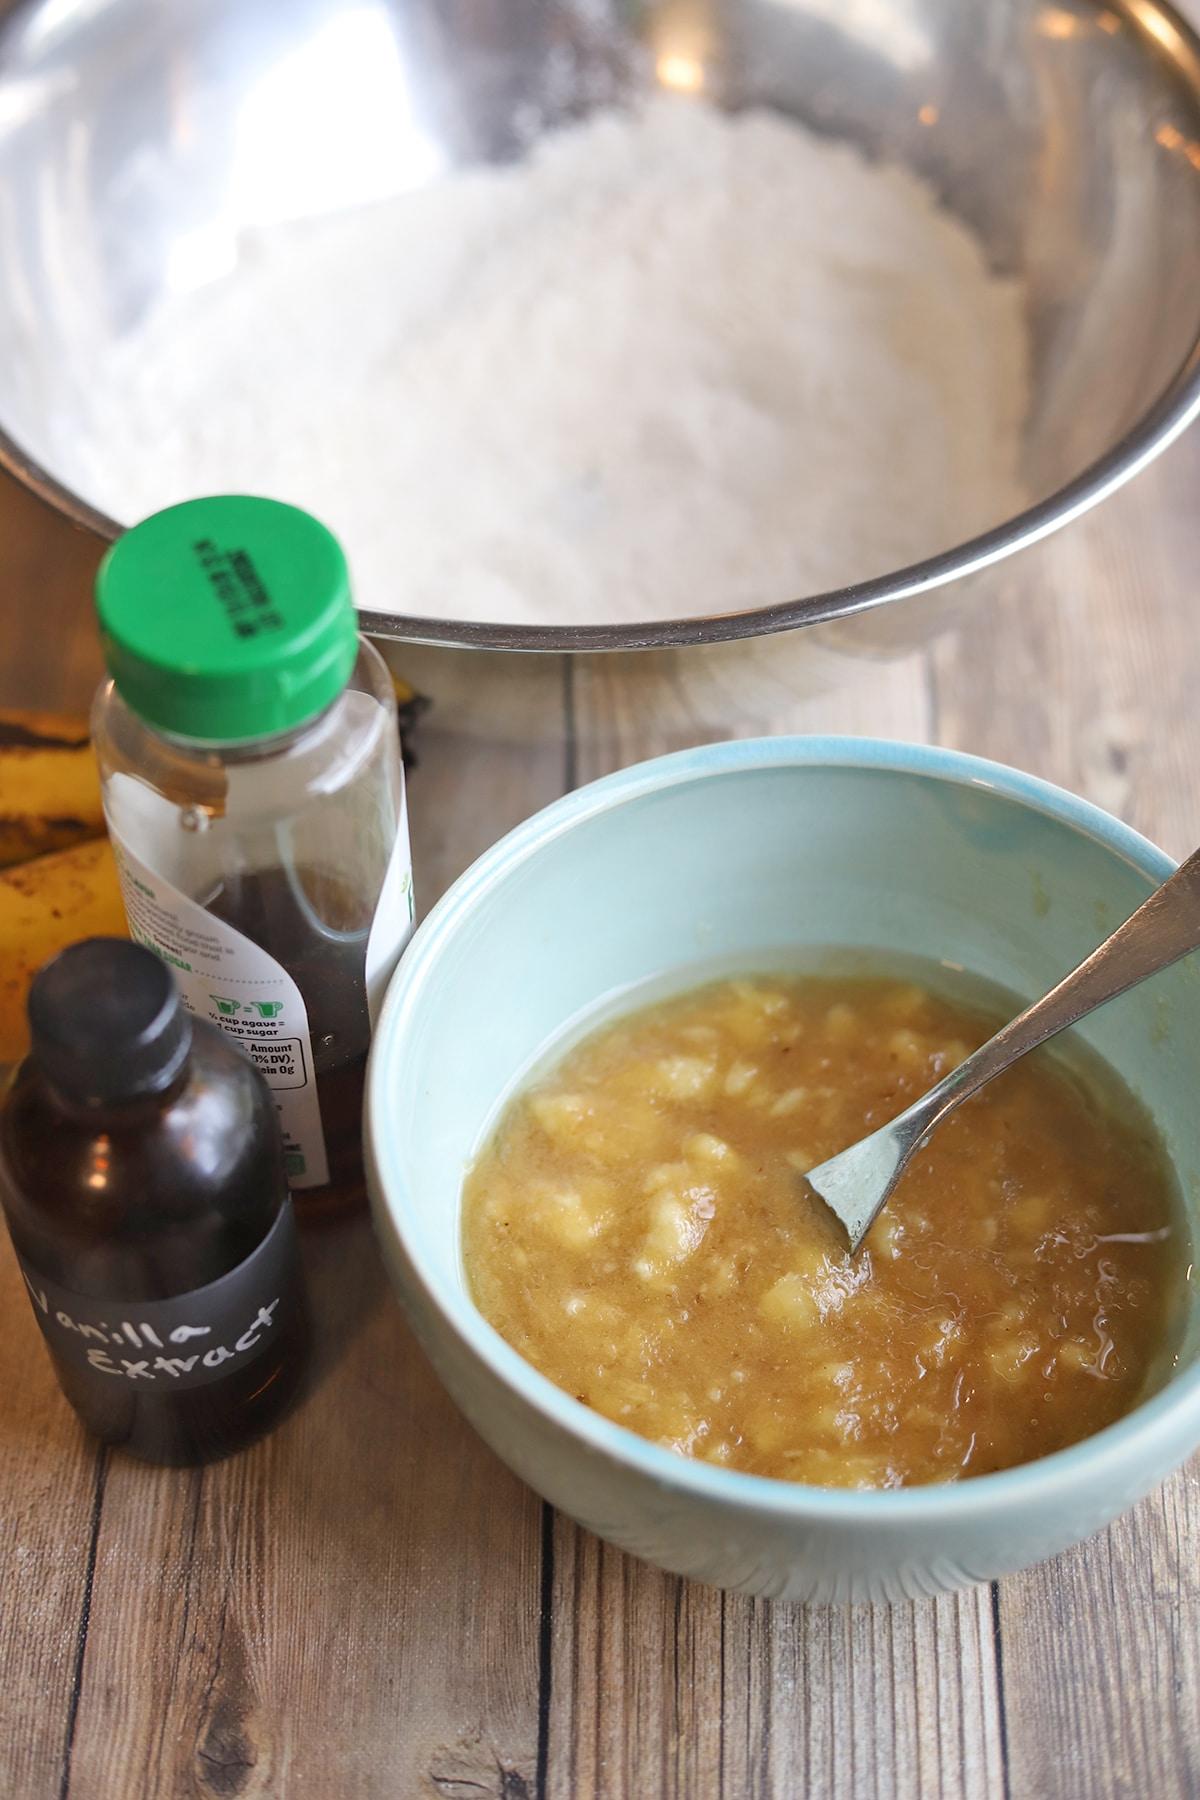 Wet ingredients in separate bowl from dry ingredients.